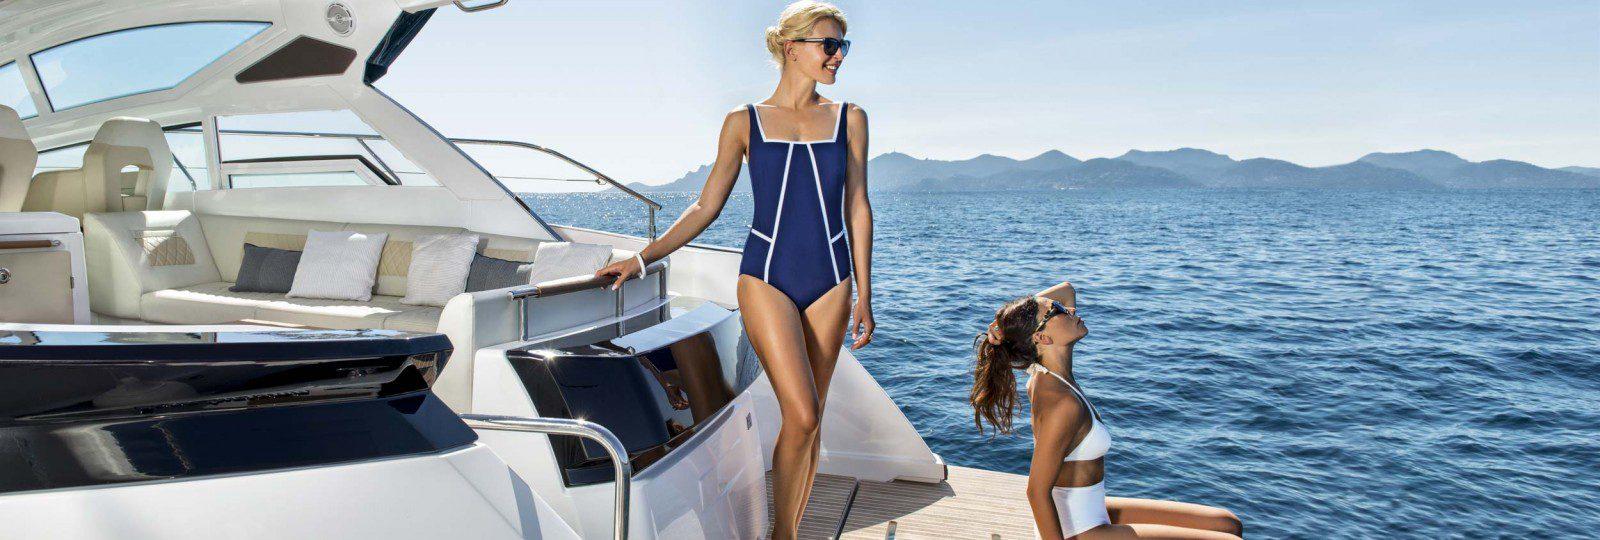 Beneteau Gran Turismo 40 bathing platform